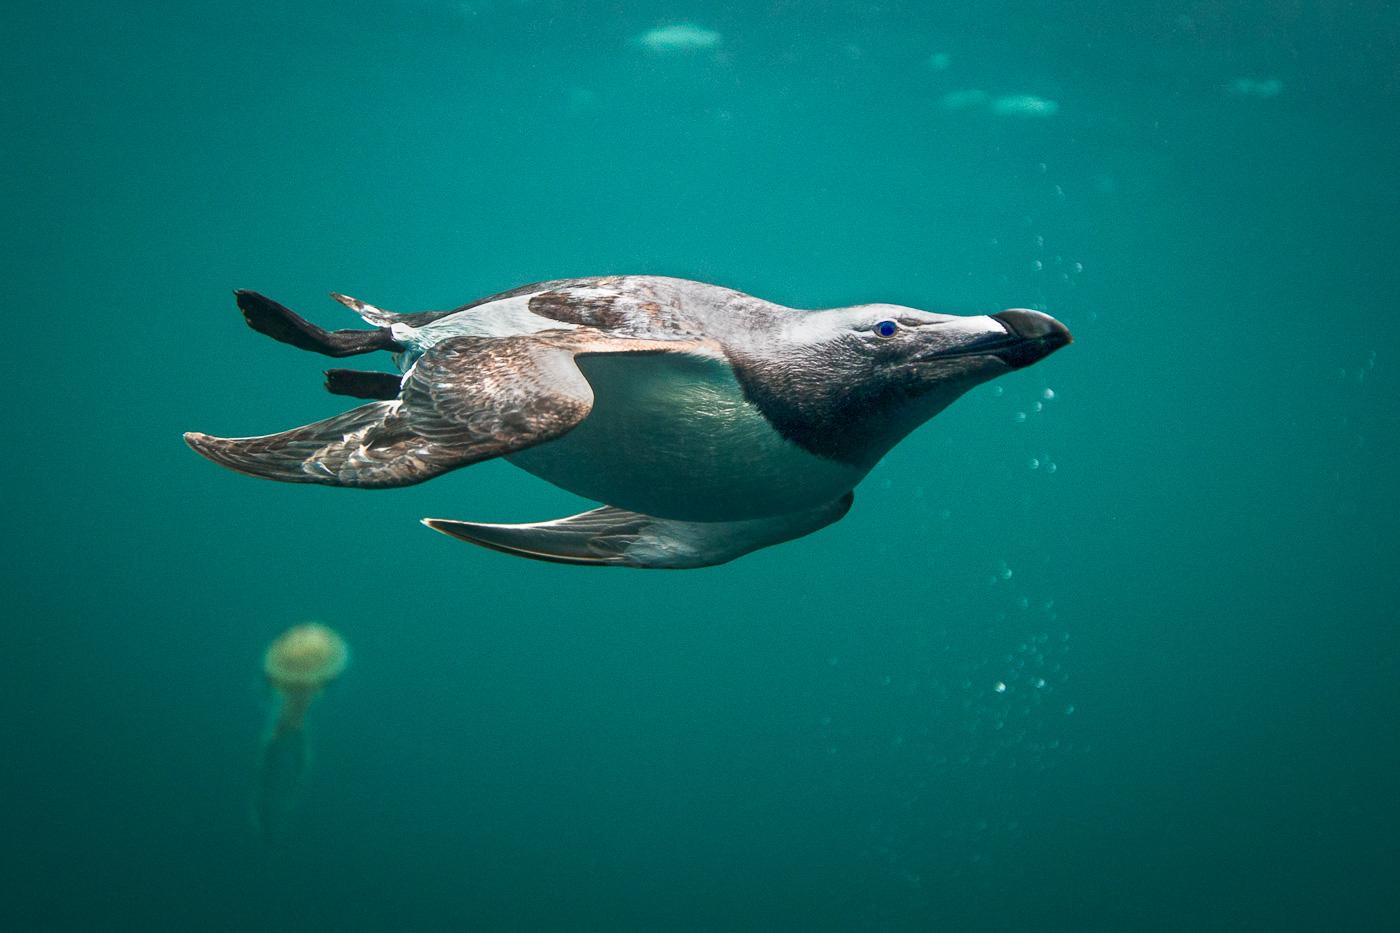 razorbill underwater ireland